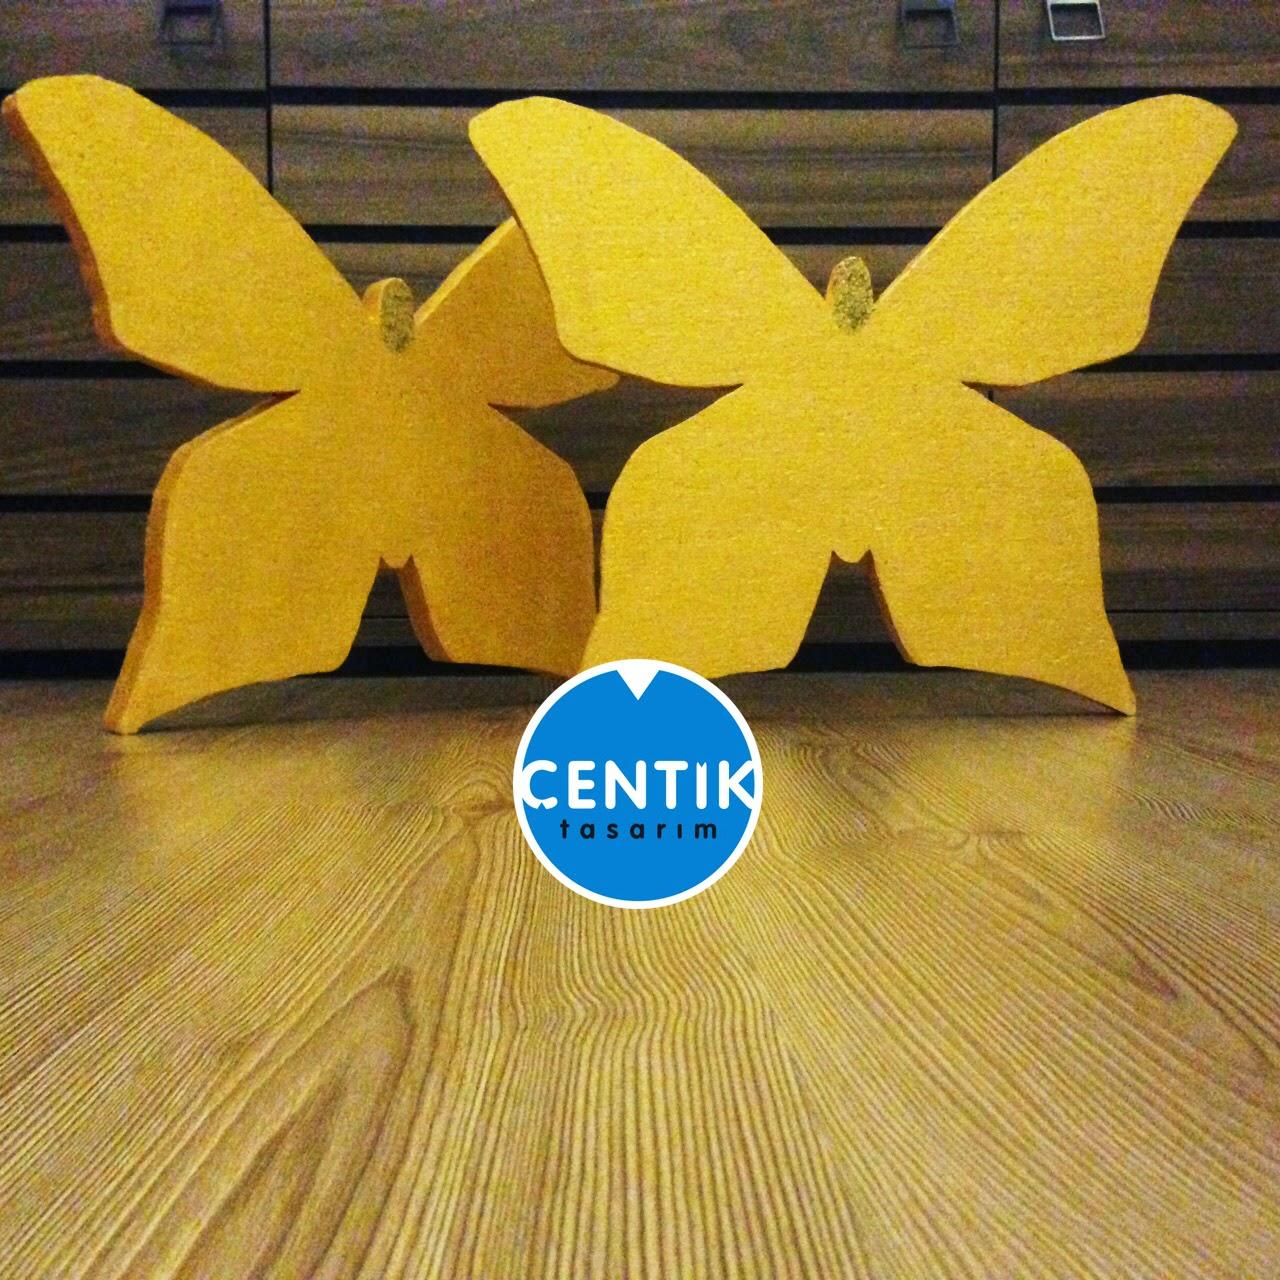 Çentik Tasarım - Strafor parti dekorları: Nikah organizasyonu için ...